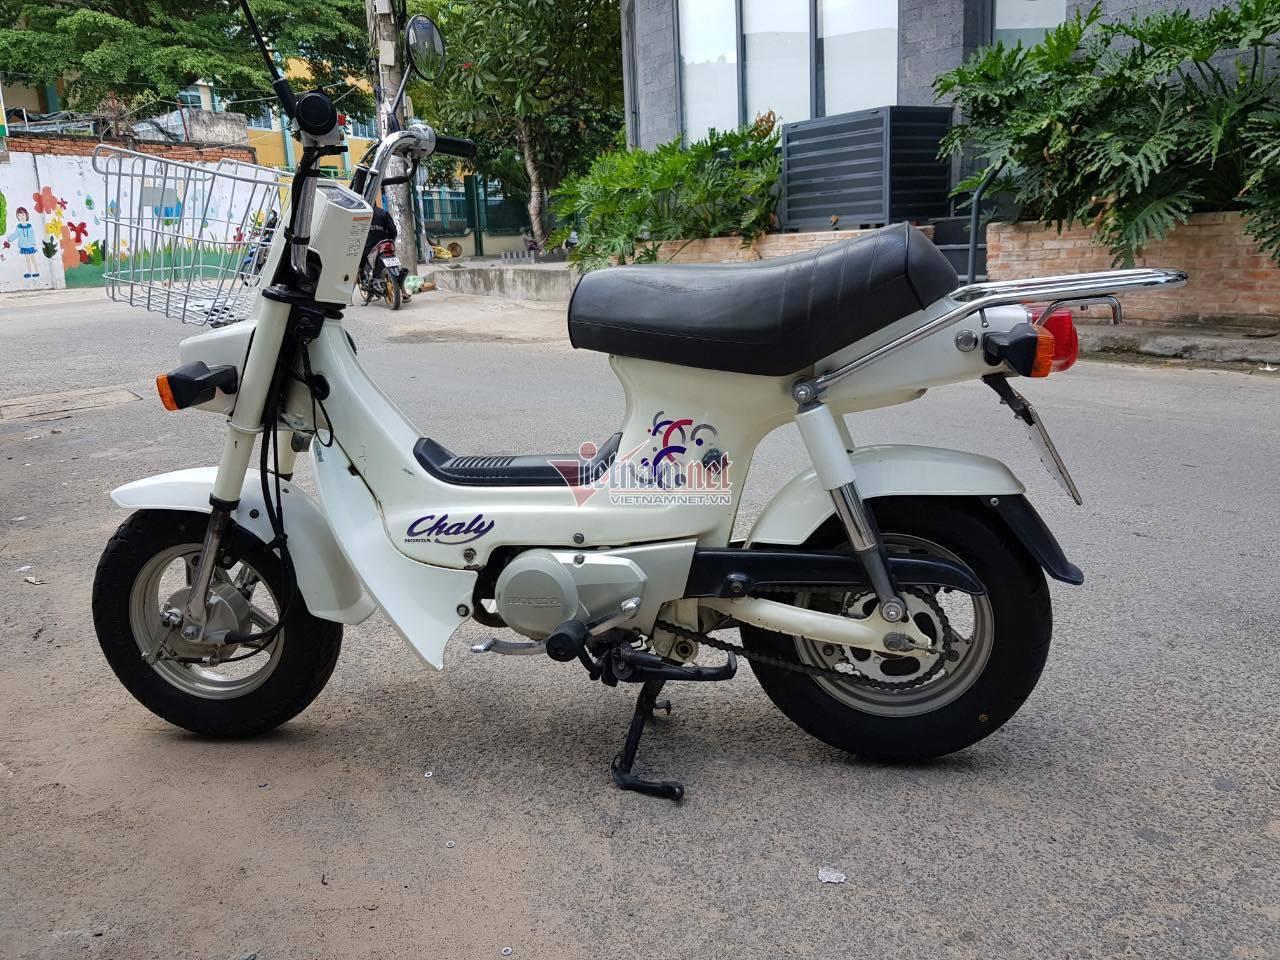 Dàn xe Honda Cub biển tứ quý cực hiếm của dân chơi Sài Gòn-4